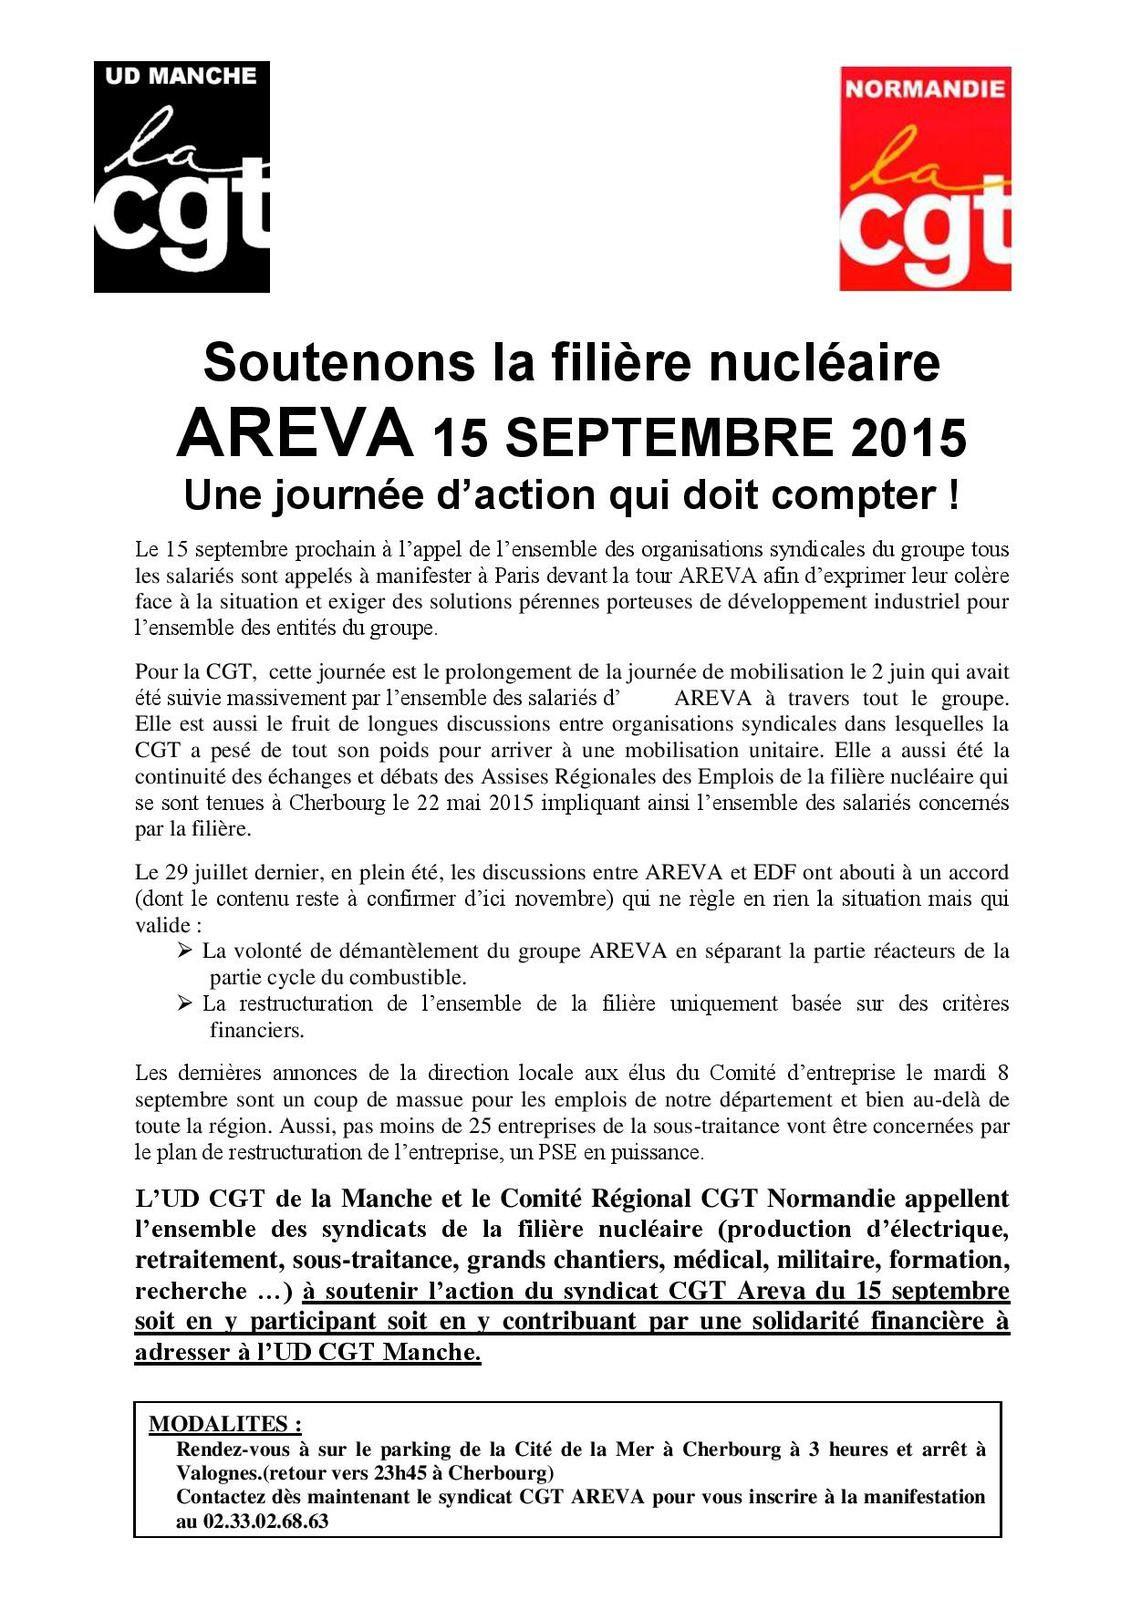 Soutenons la filière nucléaire